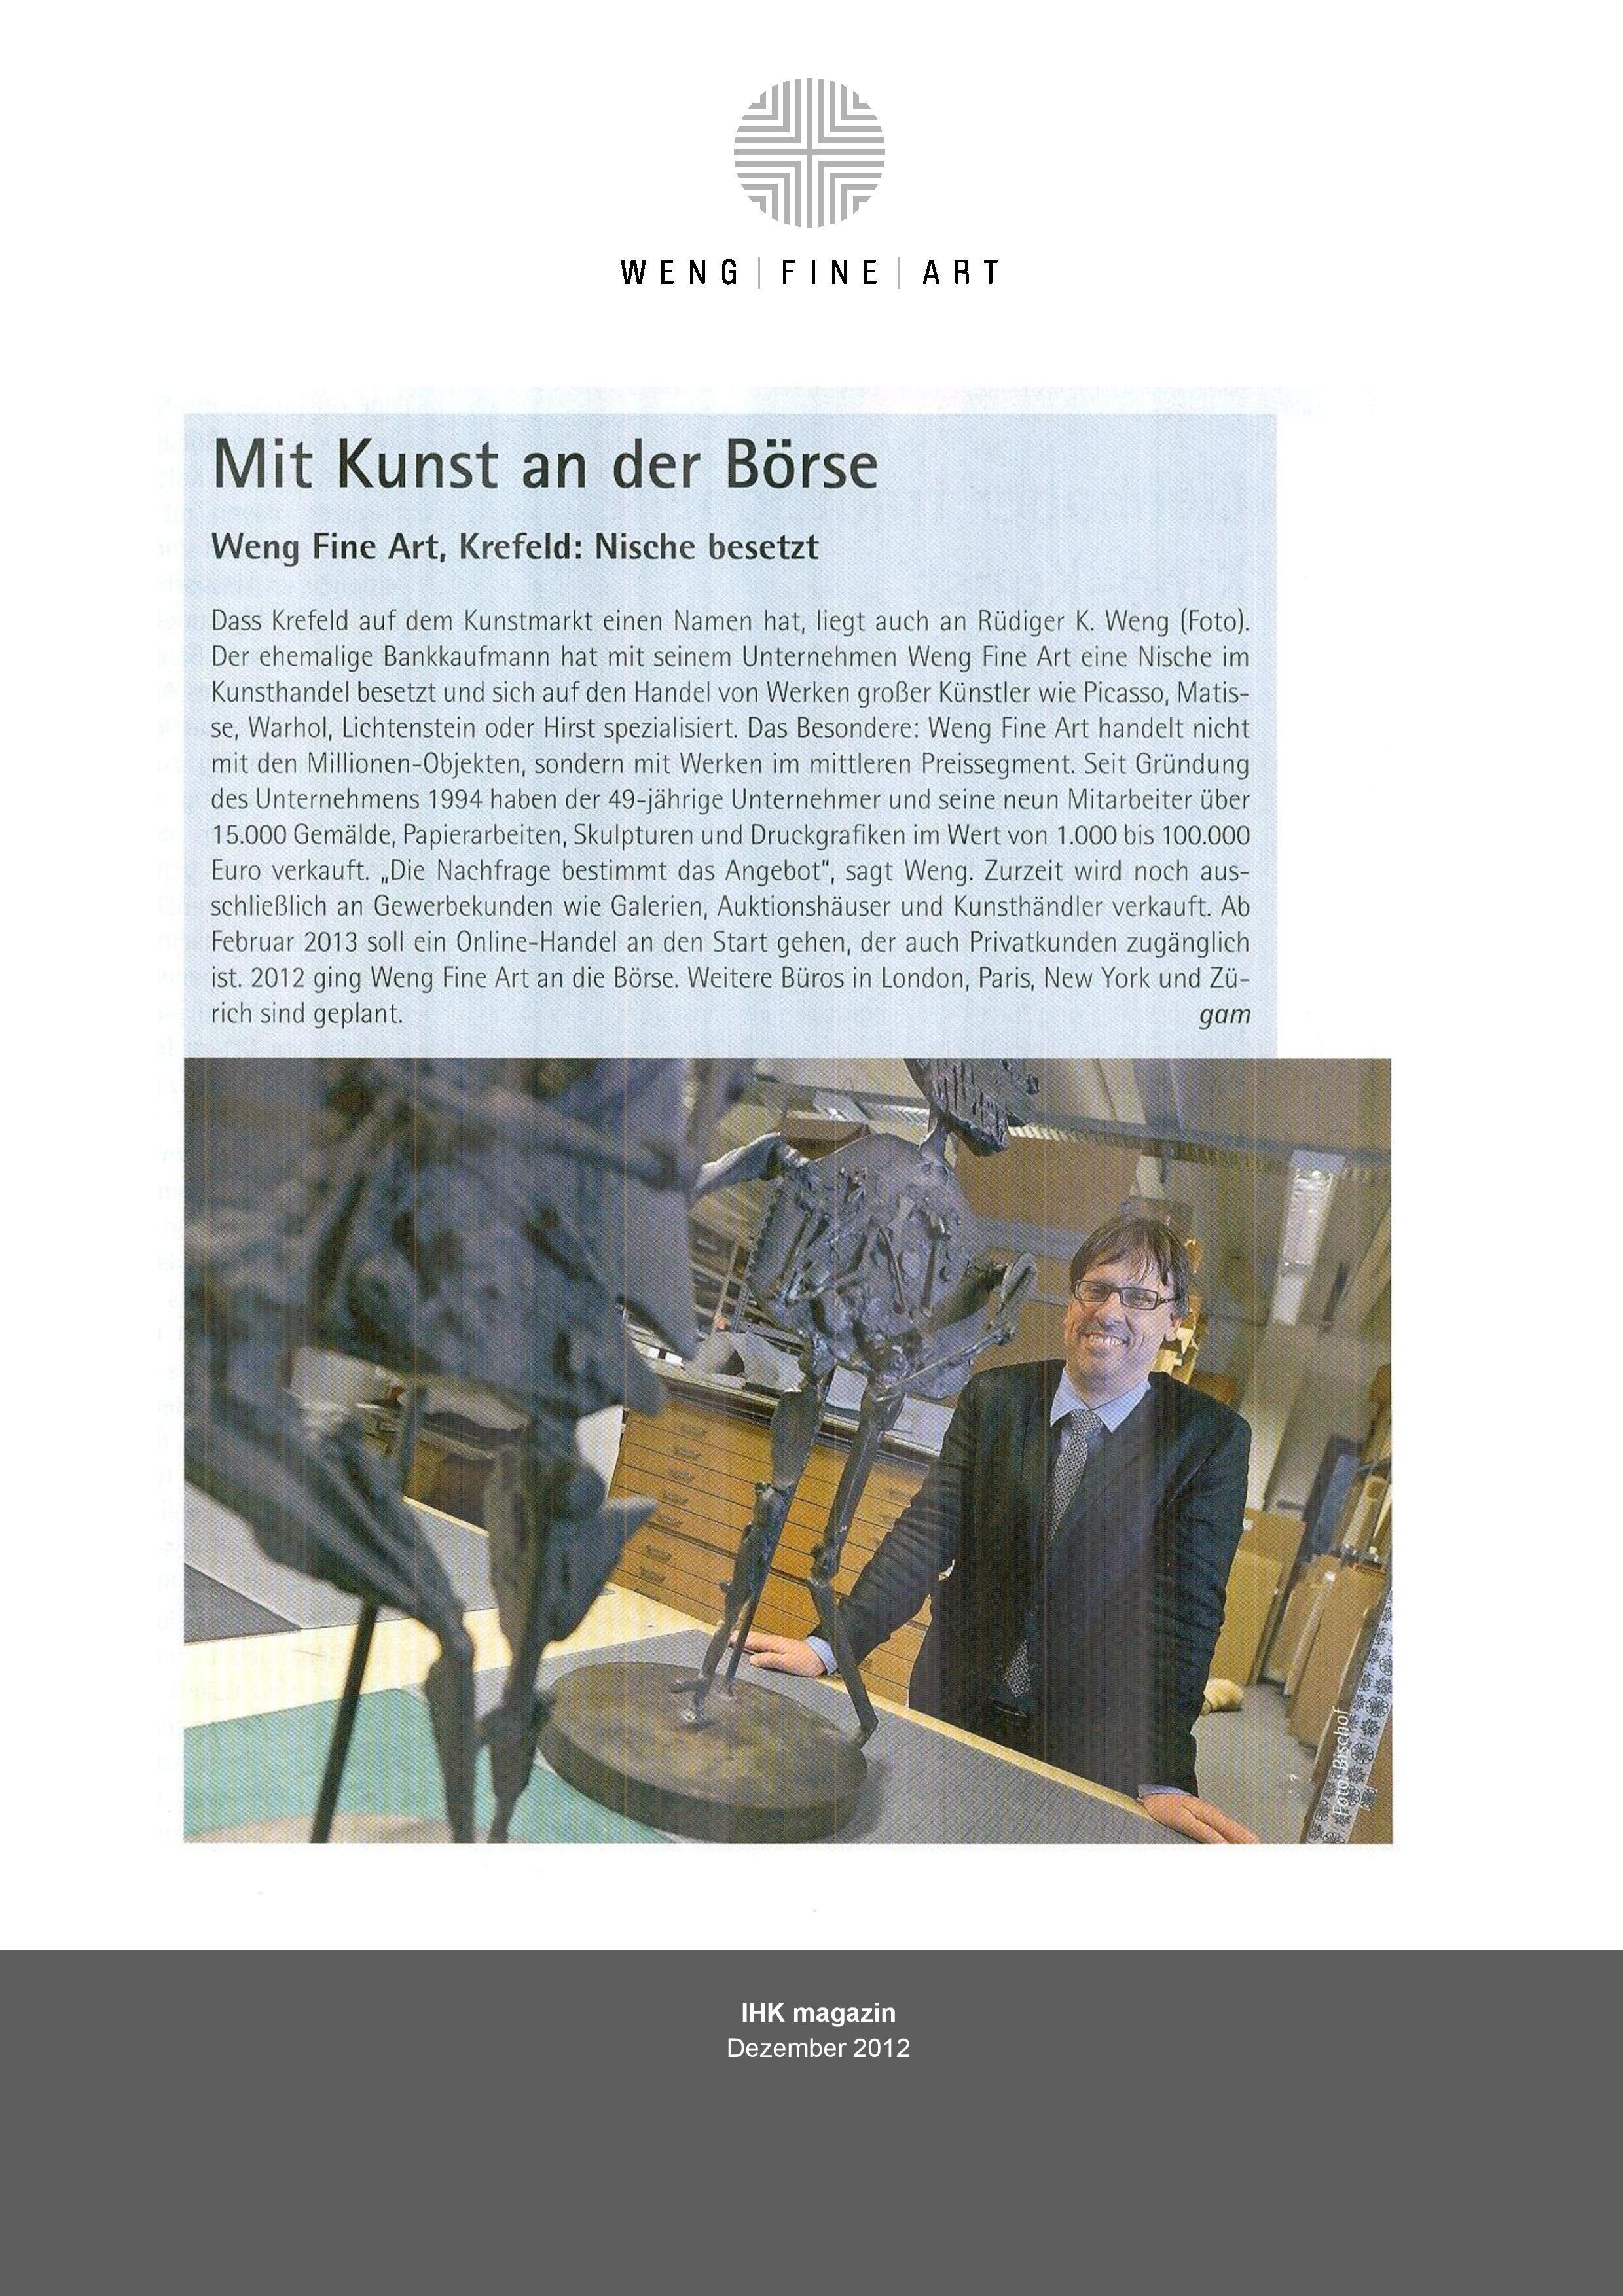 Artikel_IHK_magazin_Dez_2012_1-page-001.jpg#asset:3507